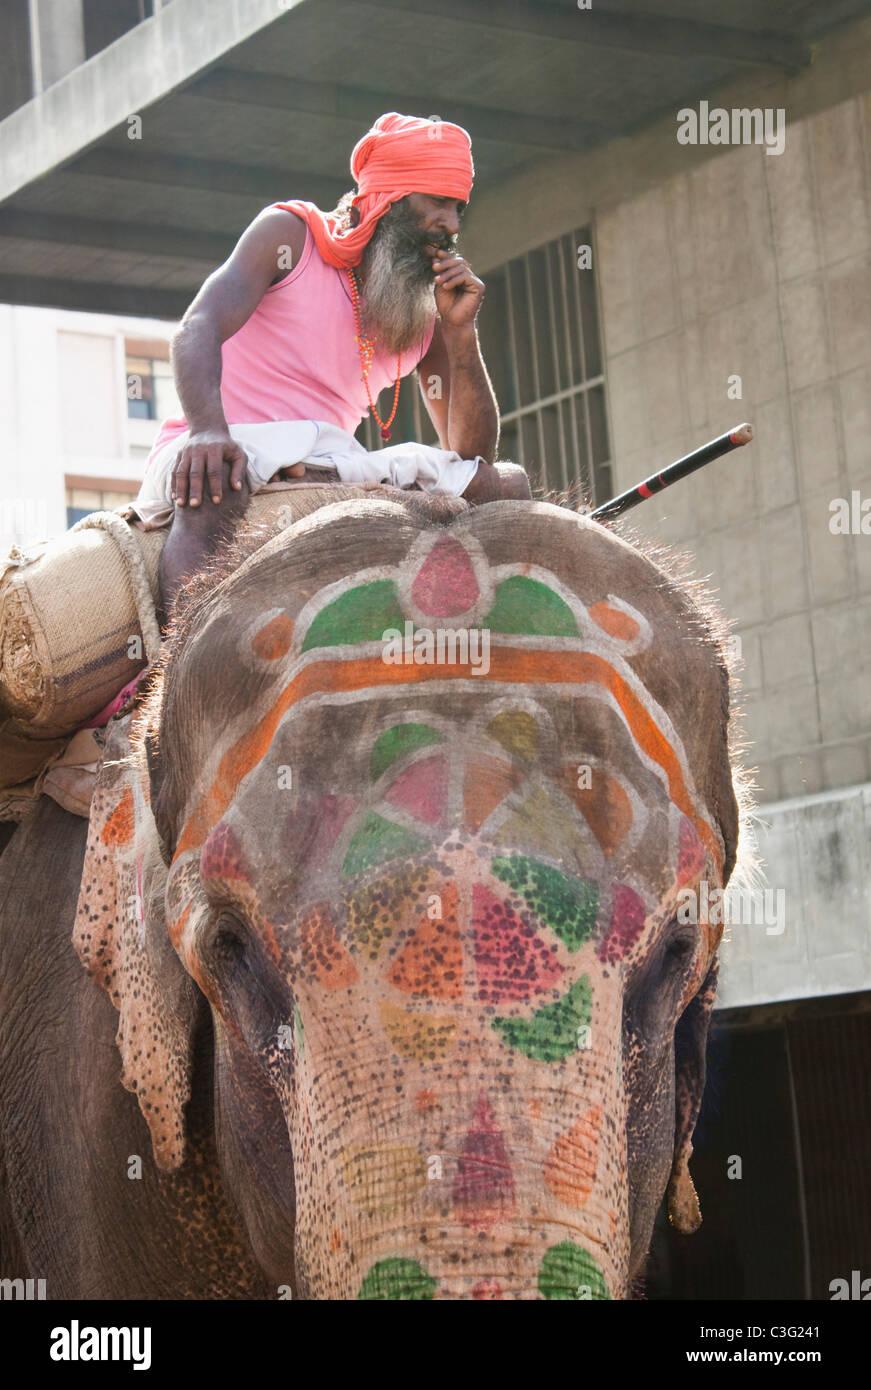 Man sitting on a elephant, Ahmedabad, Gujarat, India - Stock Image